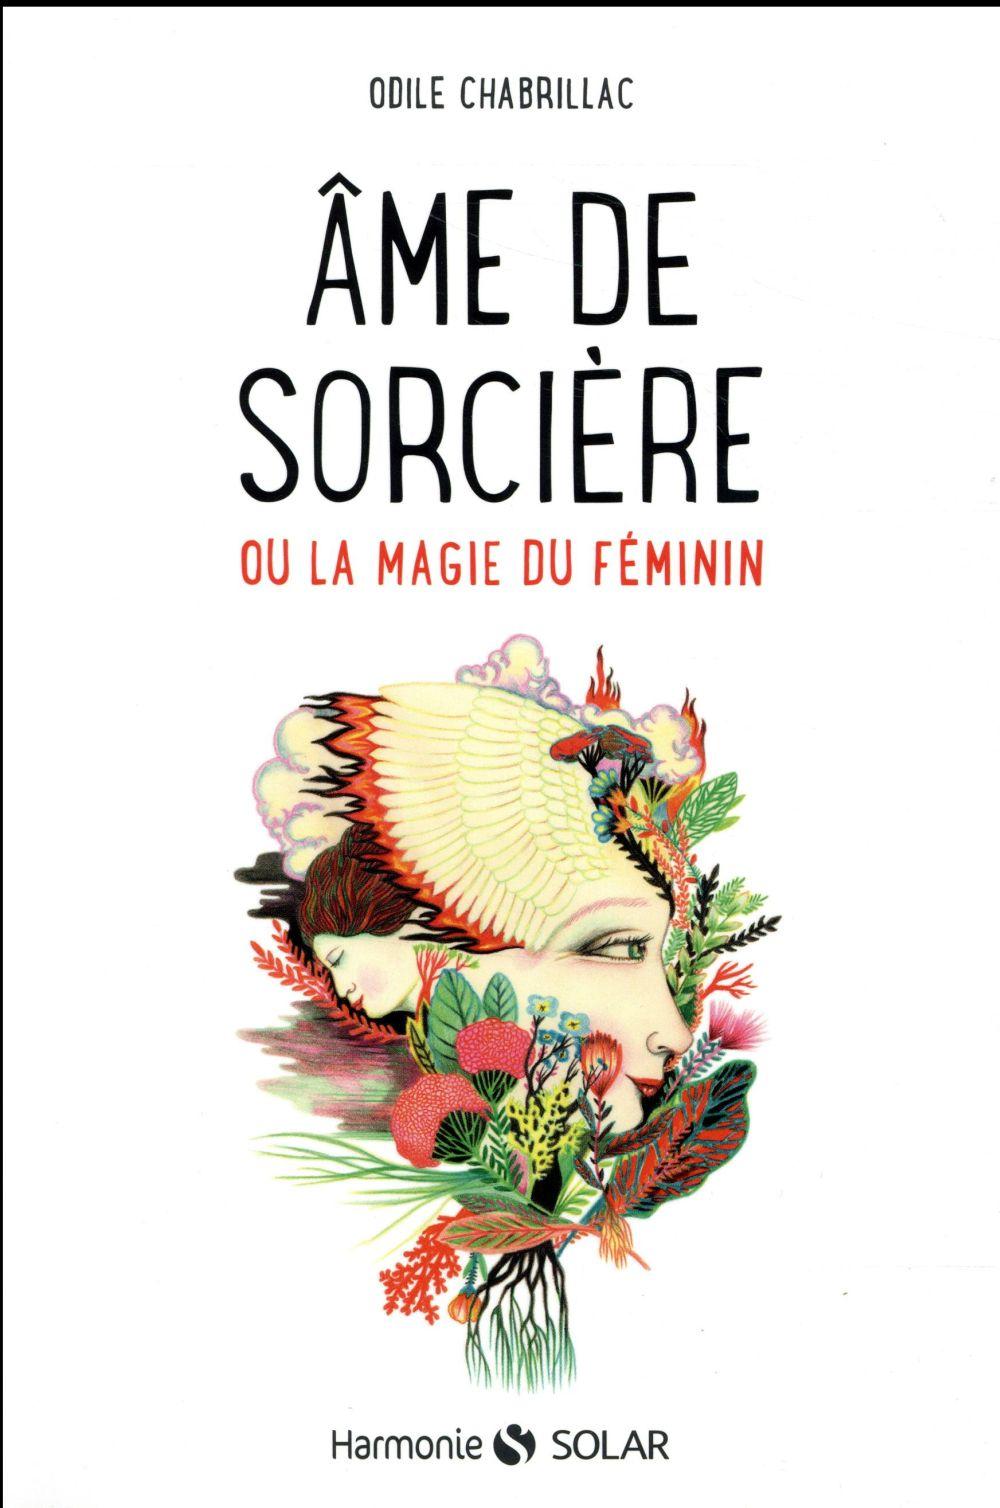 AME DE SORCIERE - OU LA MAGIE DU FEMININ